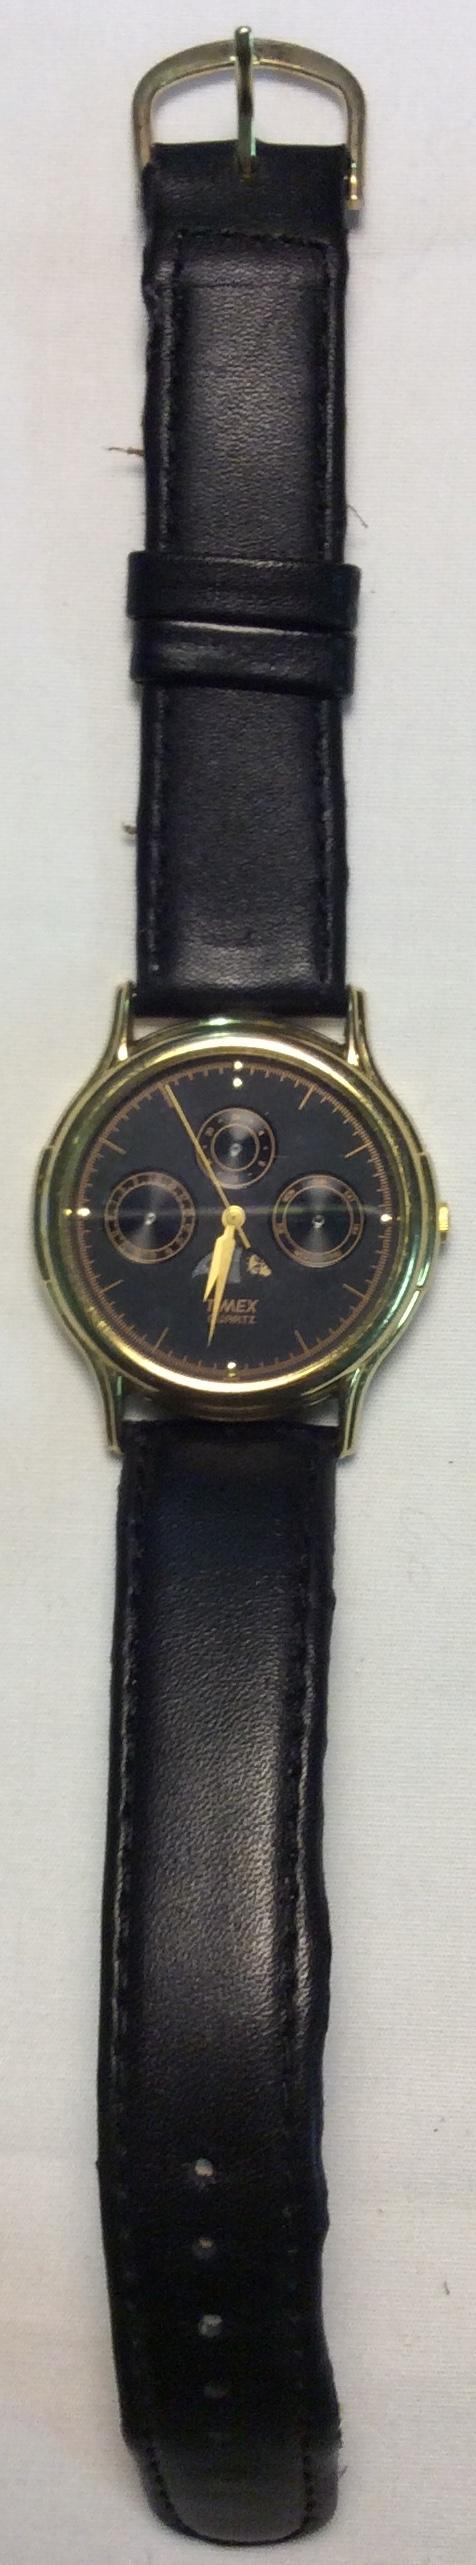 Timex Watch - round black face